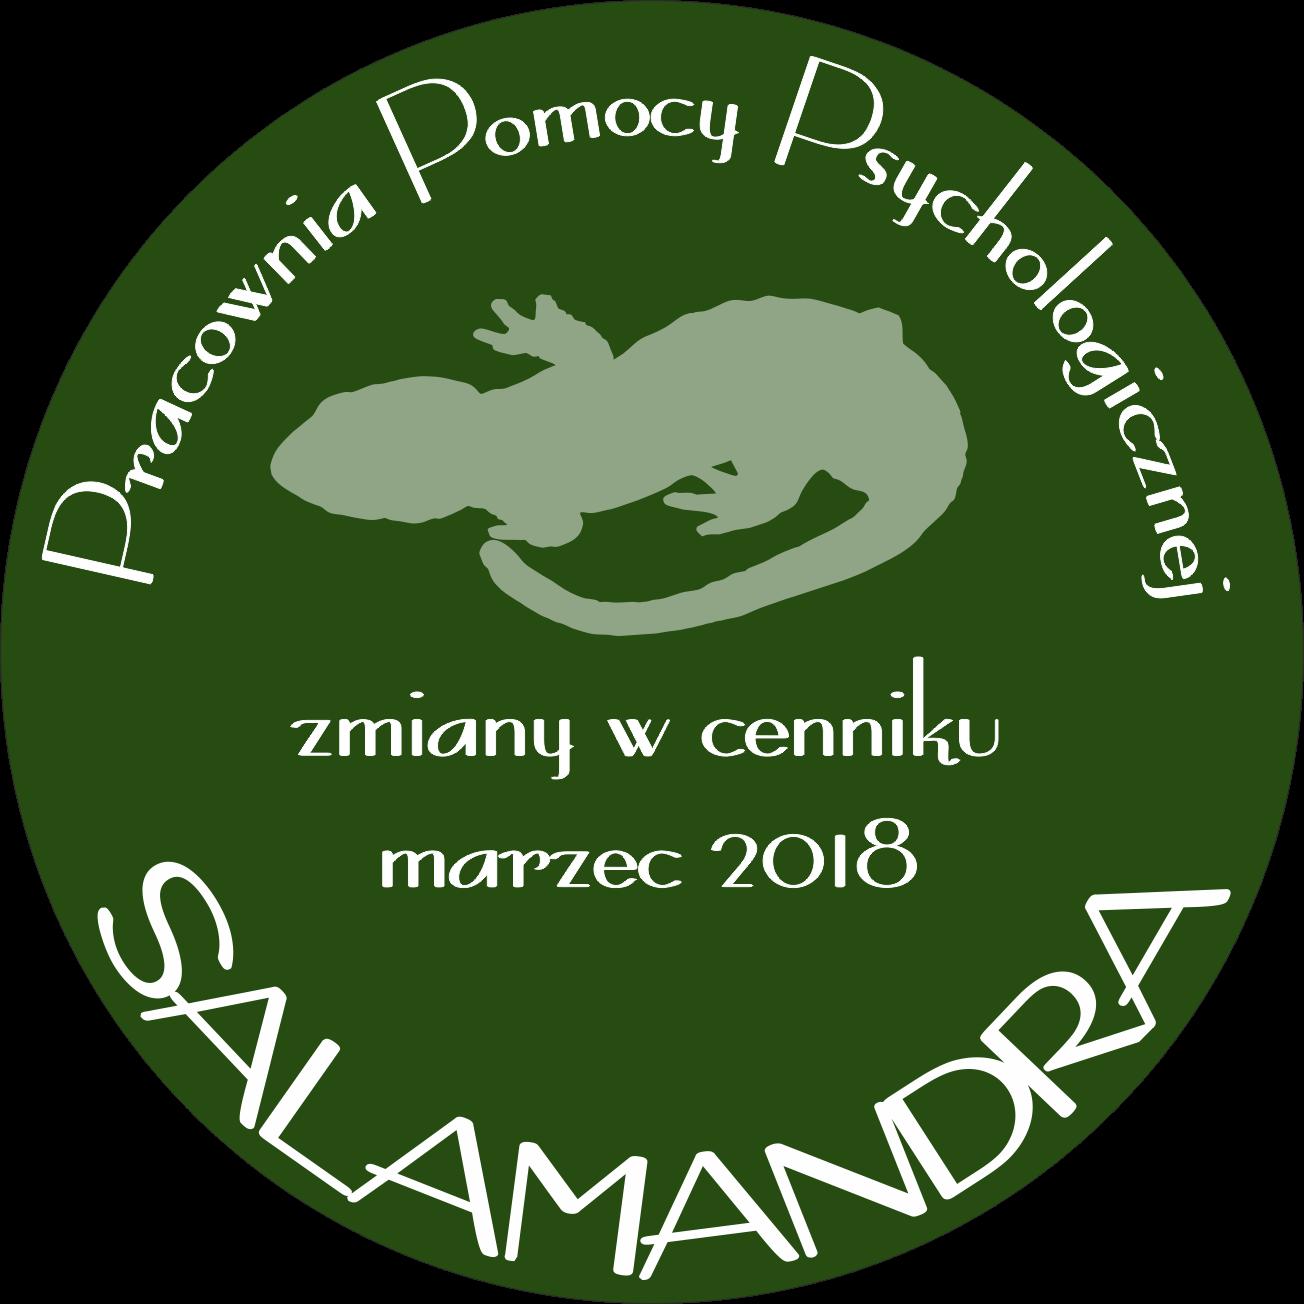 Zmiany w cenniku usług psychologicznych - marzec 2018